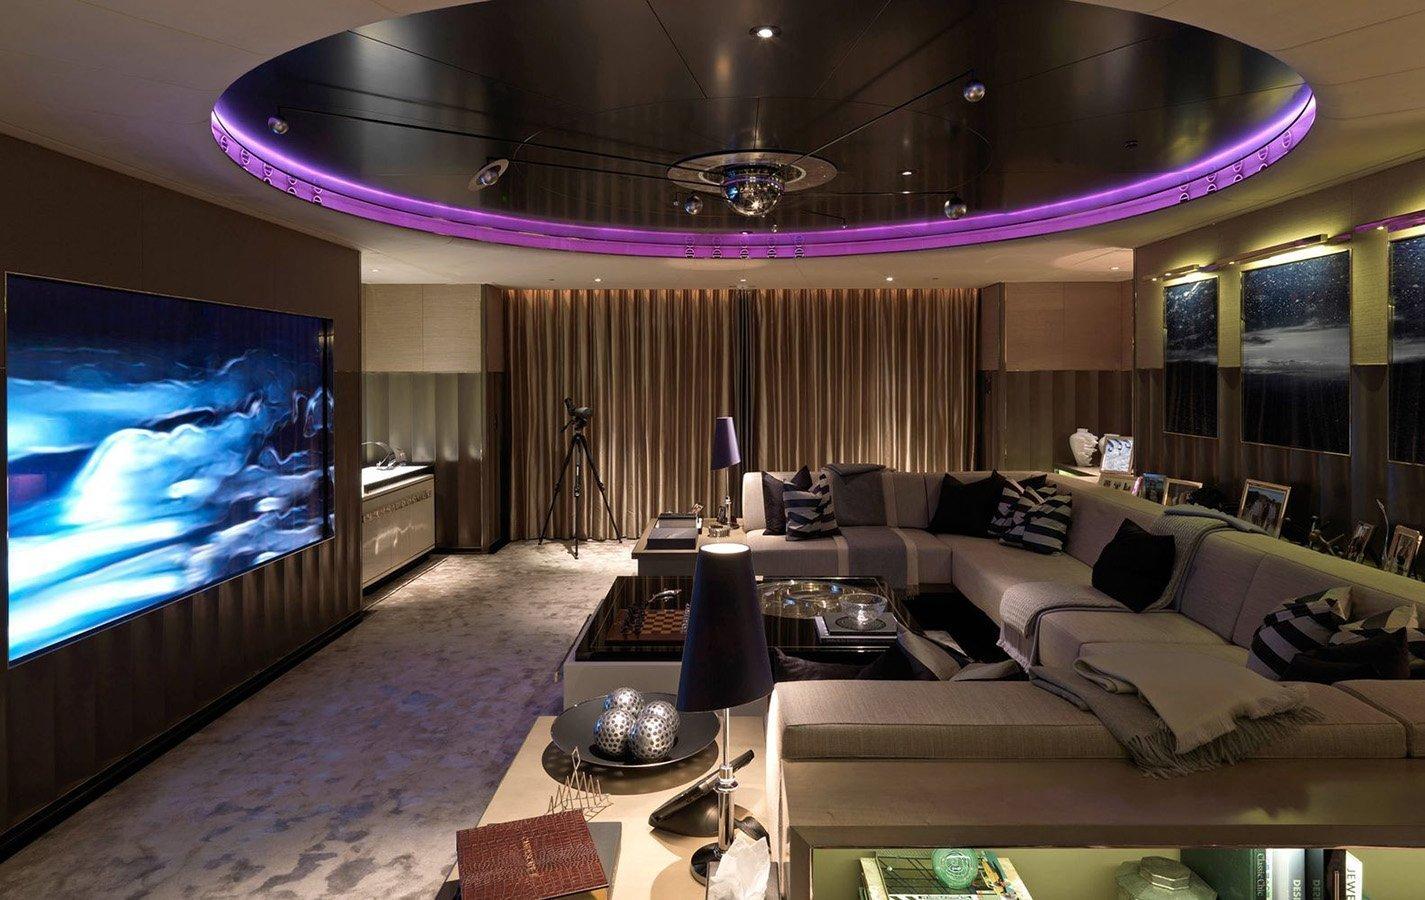 media room installation